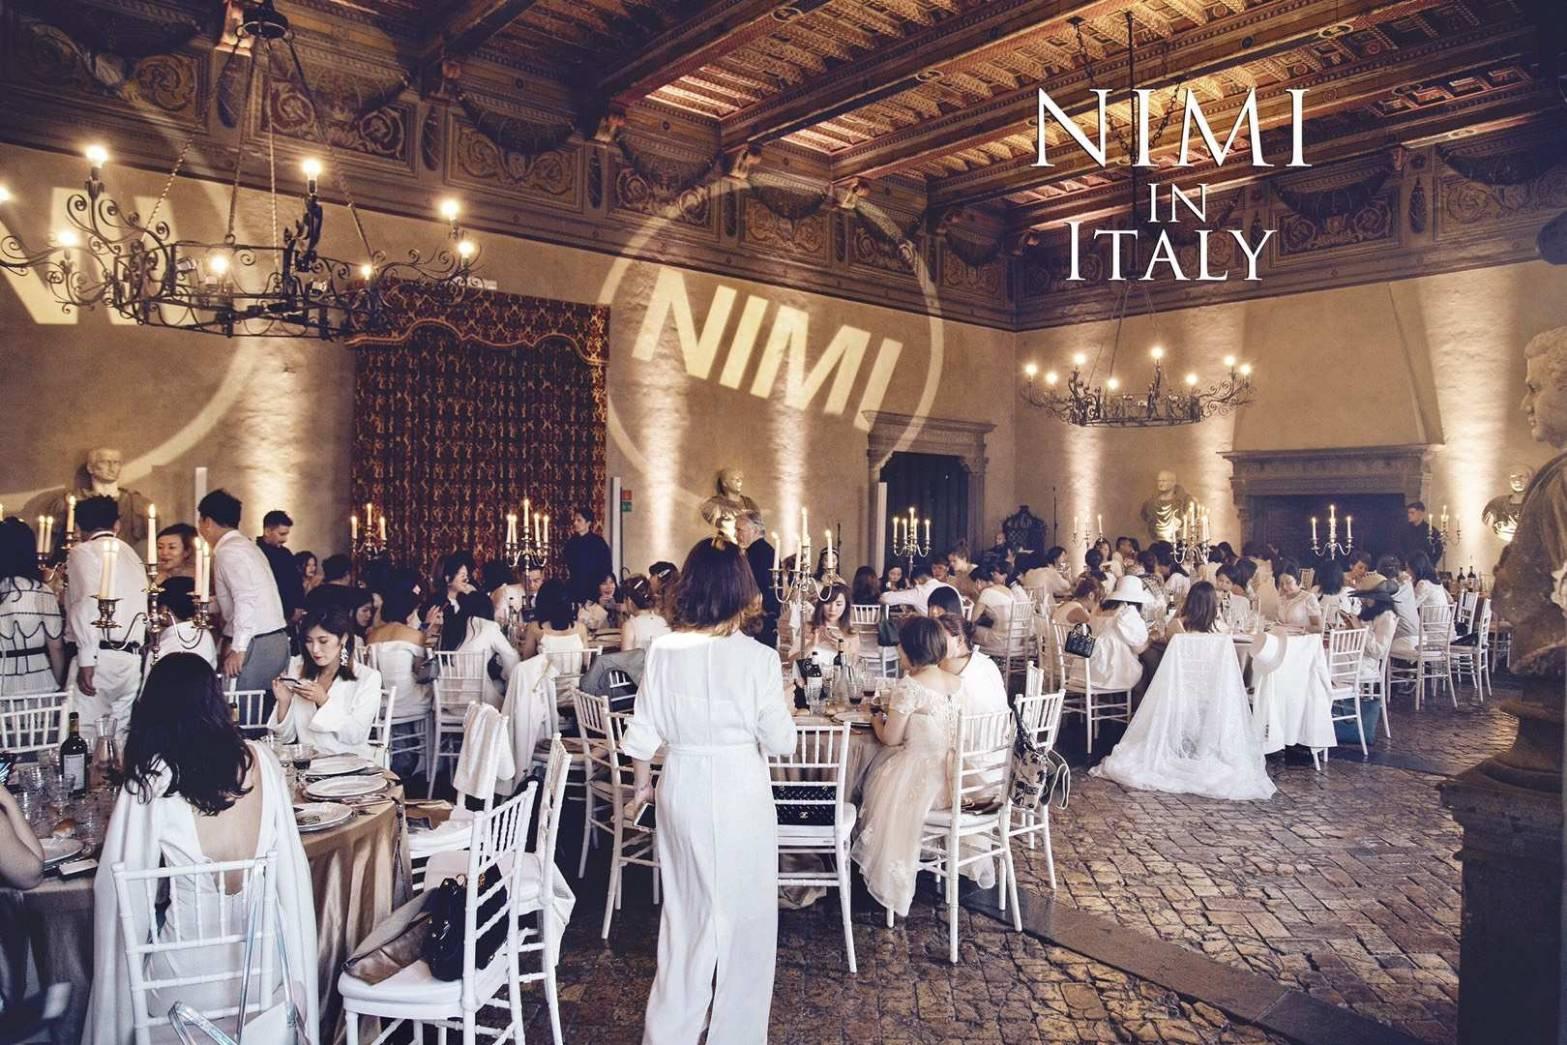 NIMIモンドセレクションイタリア